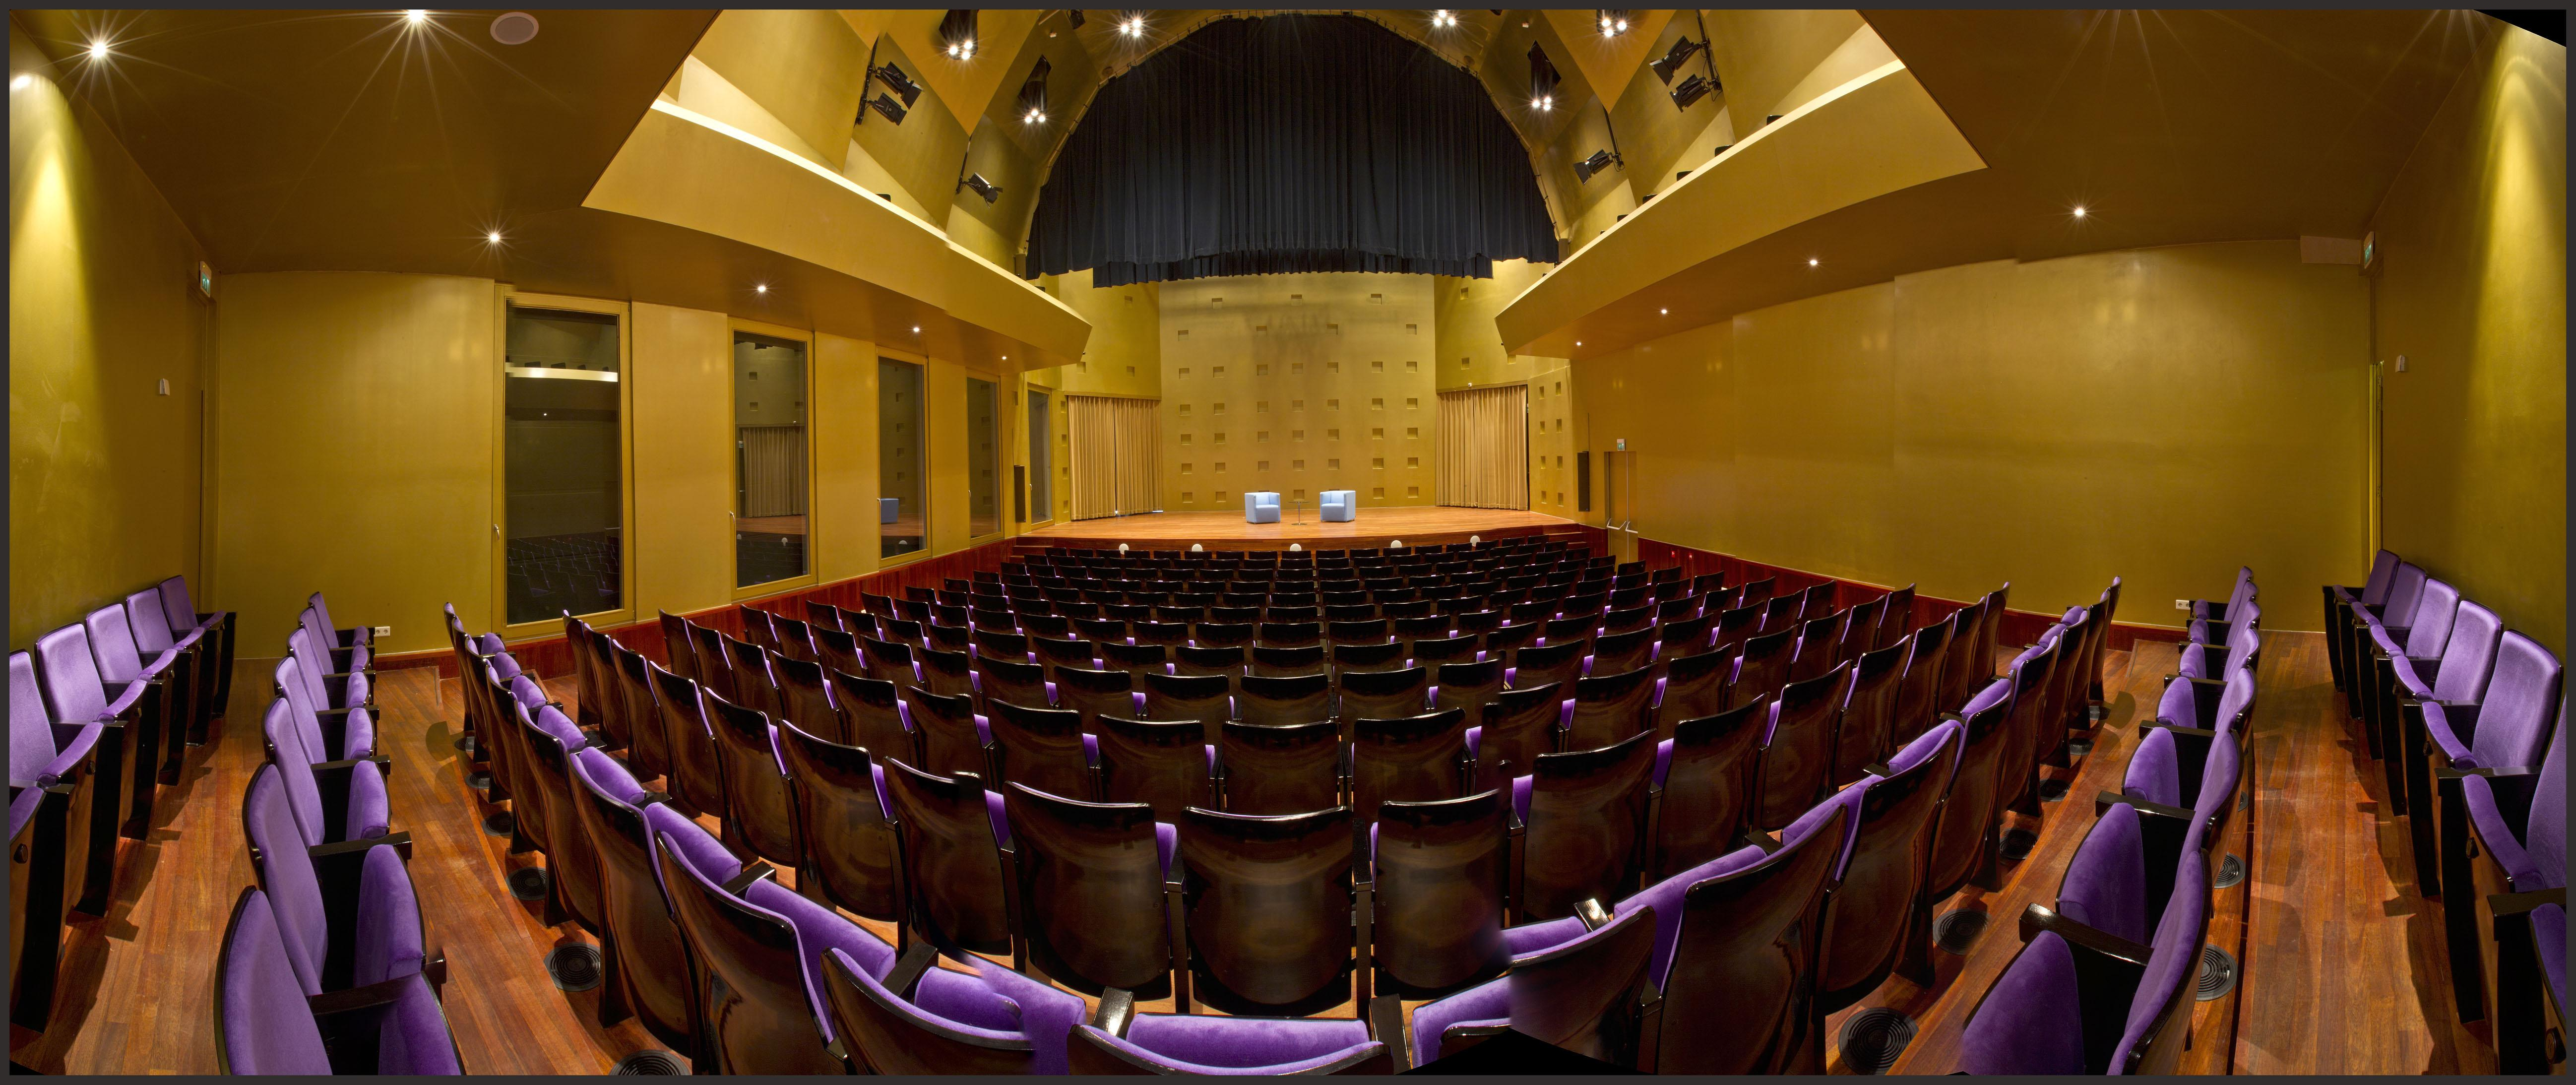 Viertal klassieke concertjes in de Leidse Stadsgehoorzaal